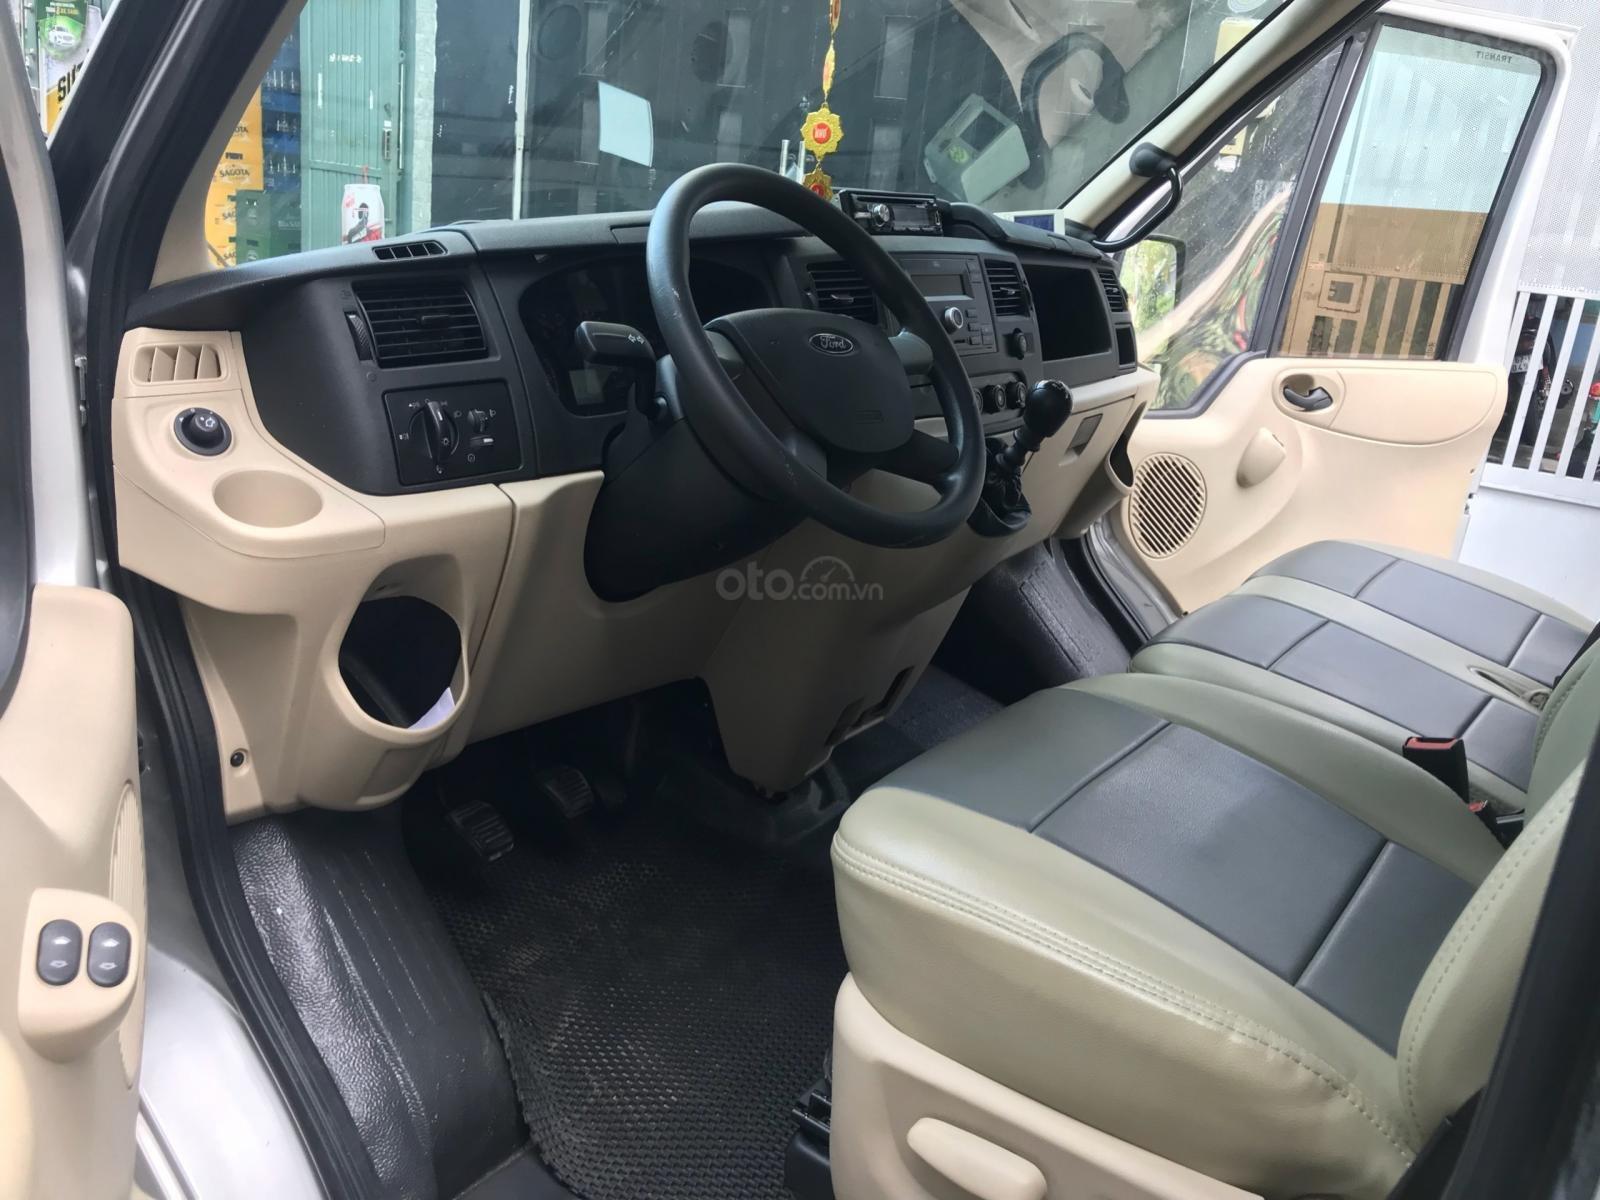 Bán xe Ford Transit 2018 máy dầu, số sàn 16 ghế-9